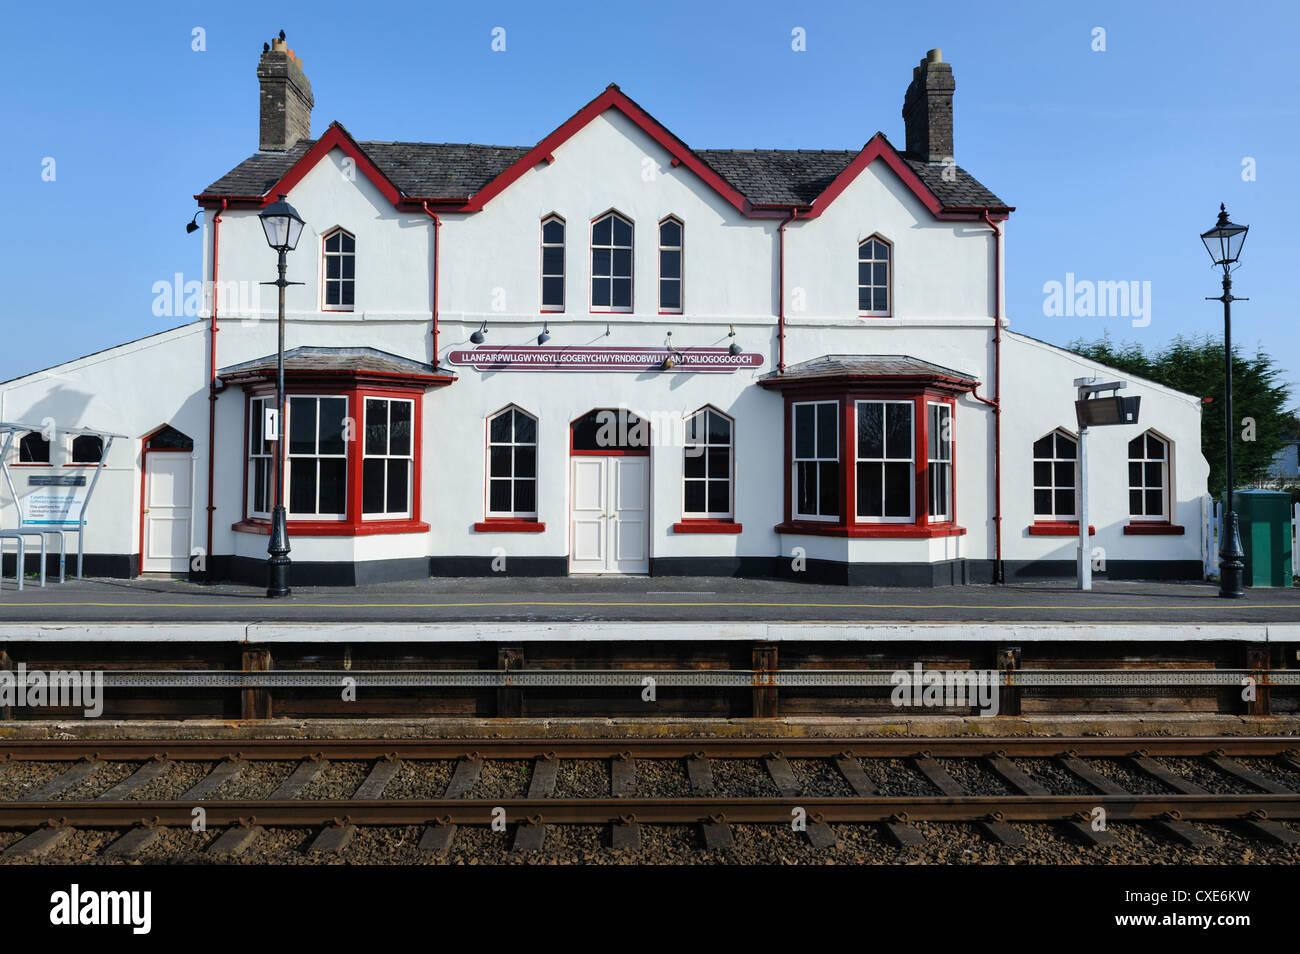 Station building at Llanfairpwllgwyngyllgogerychwyrndrobwllllantysiliogogogoch, Llanfair PG, Anglesey, North Wales, - Stock Image